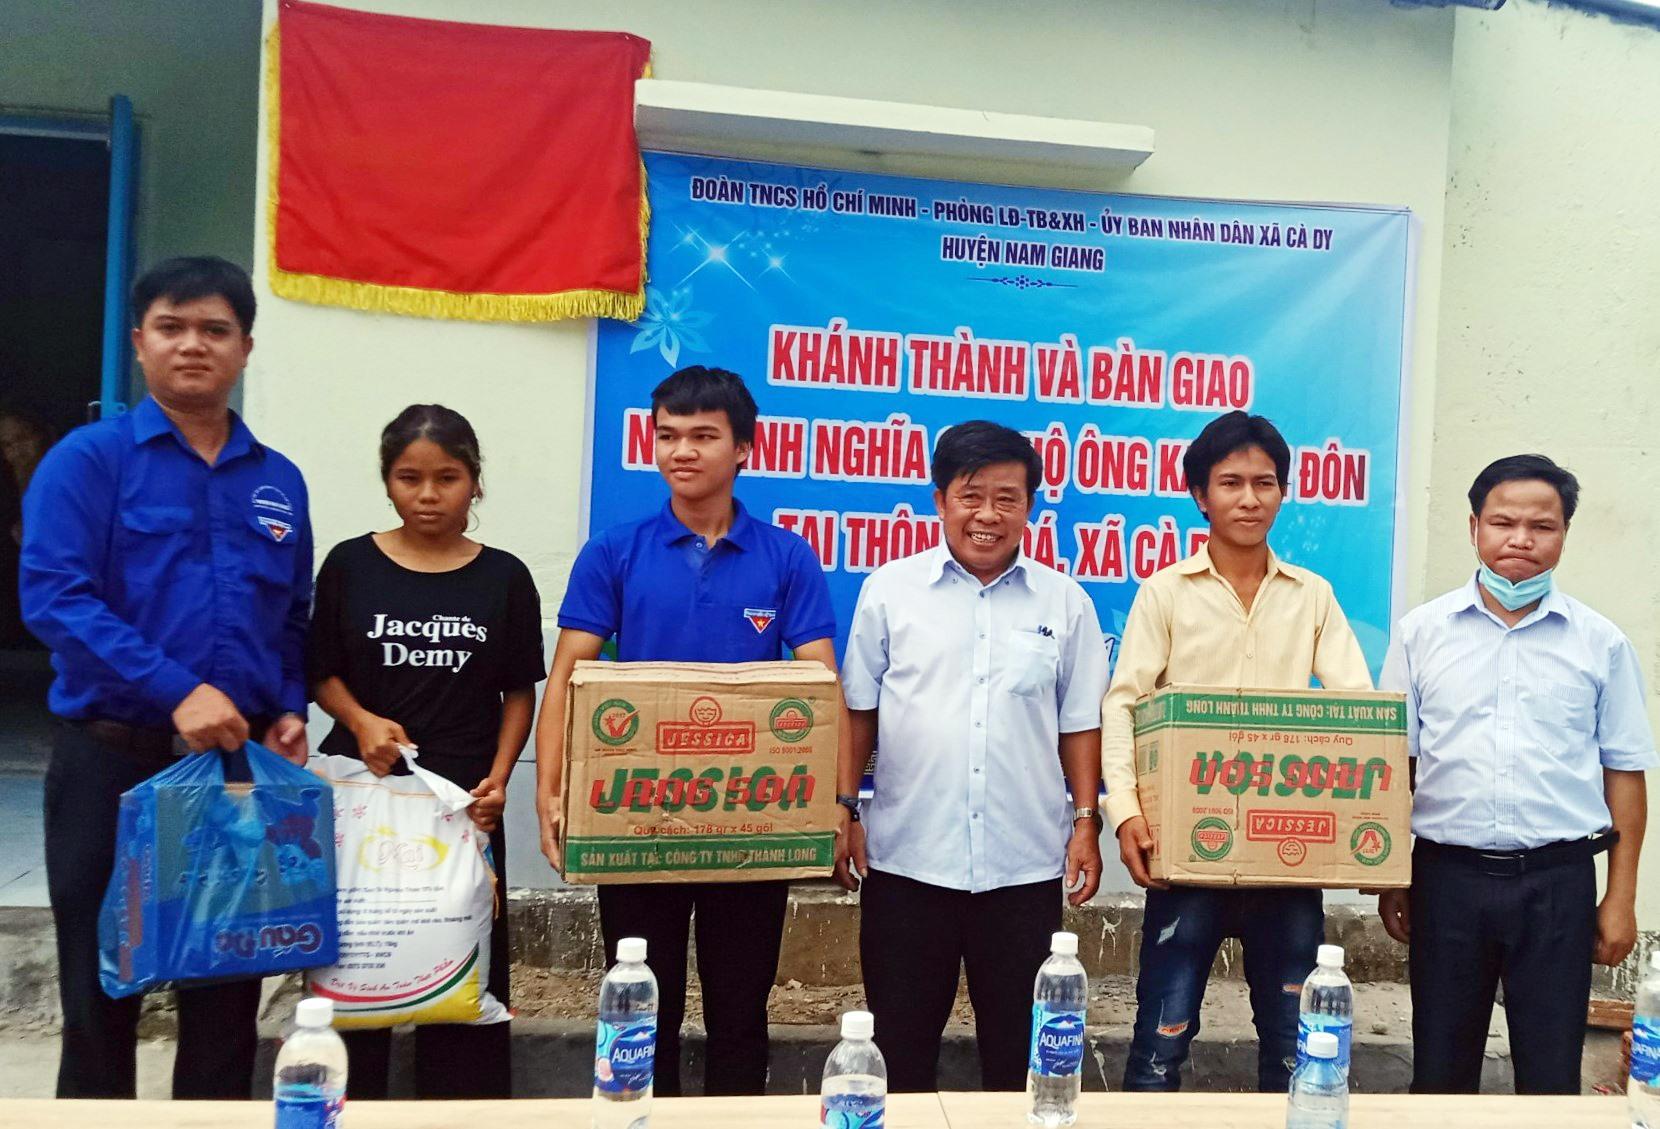 Đại diện người thân cụ Ka Hiên Đôn nhận quà hỗ trợ từ chính quyền địa phương trong ngày bàn giao nhà mới. Ảnh: Đ.N